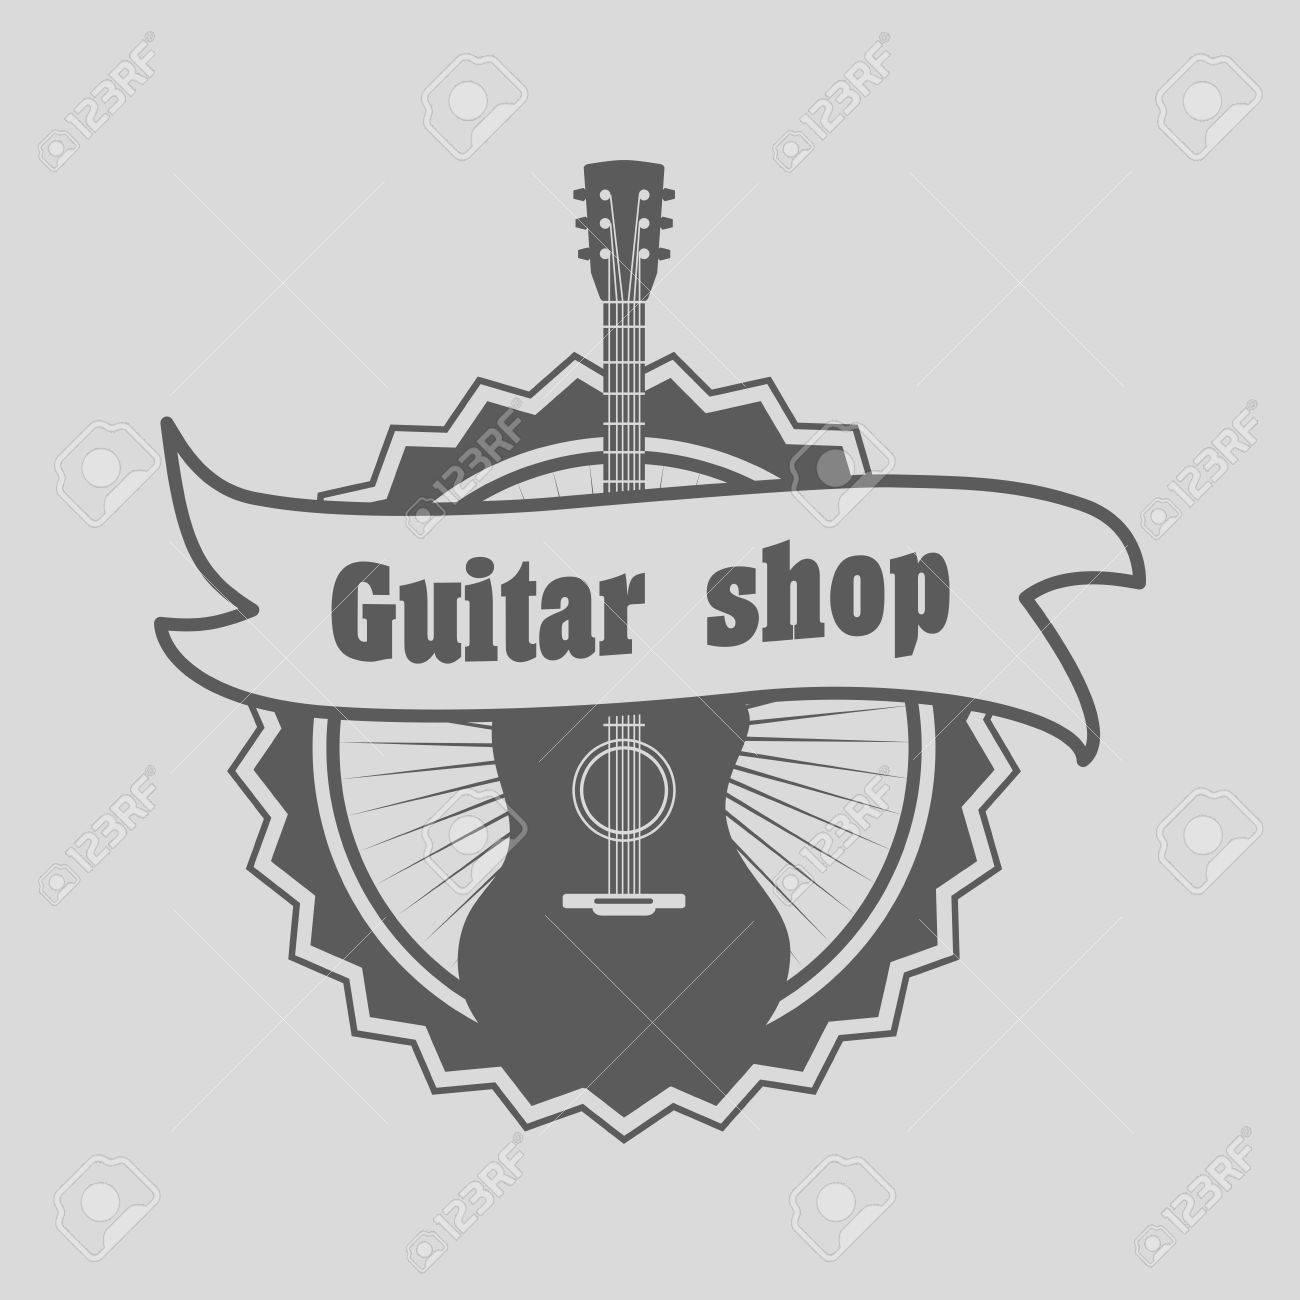 Retro Estilo De Tienda De Guitarras, La Identificación O La ...